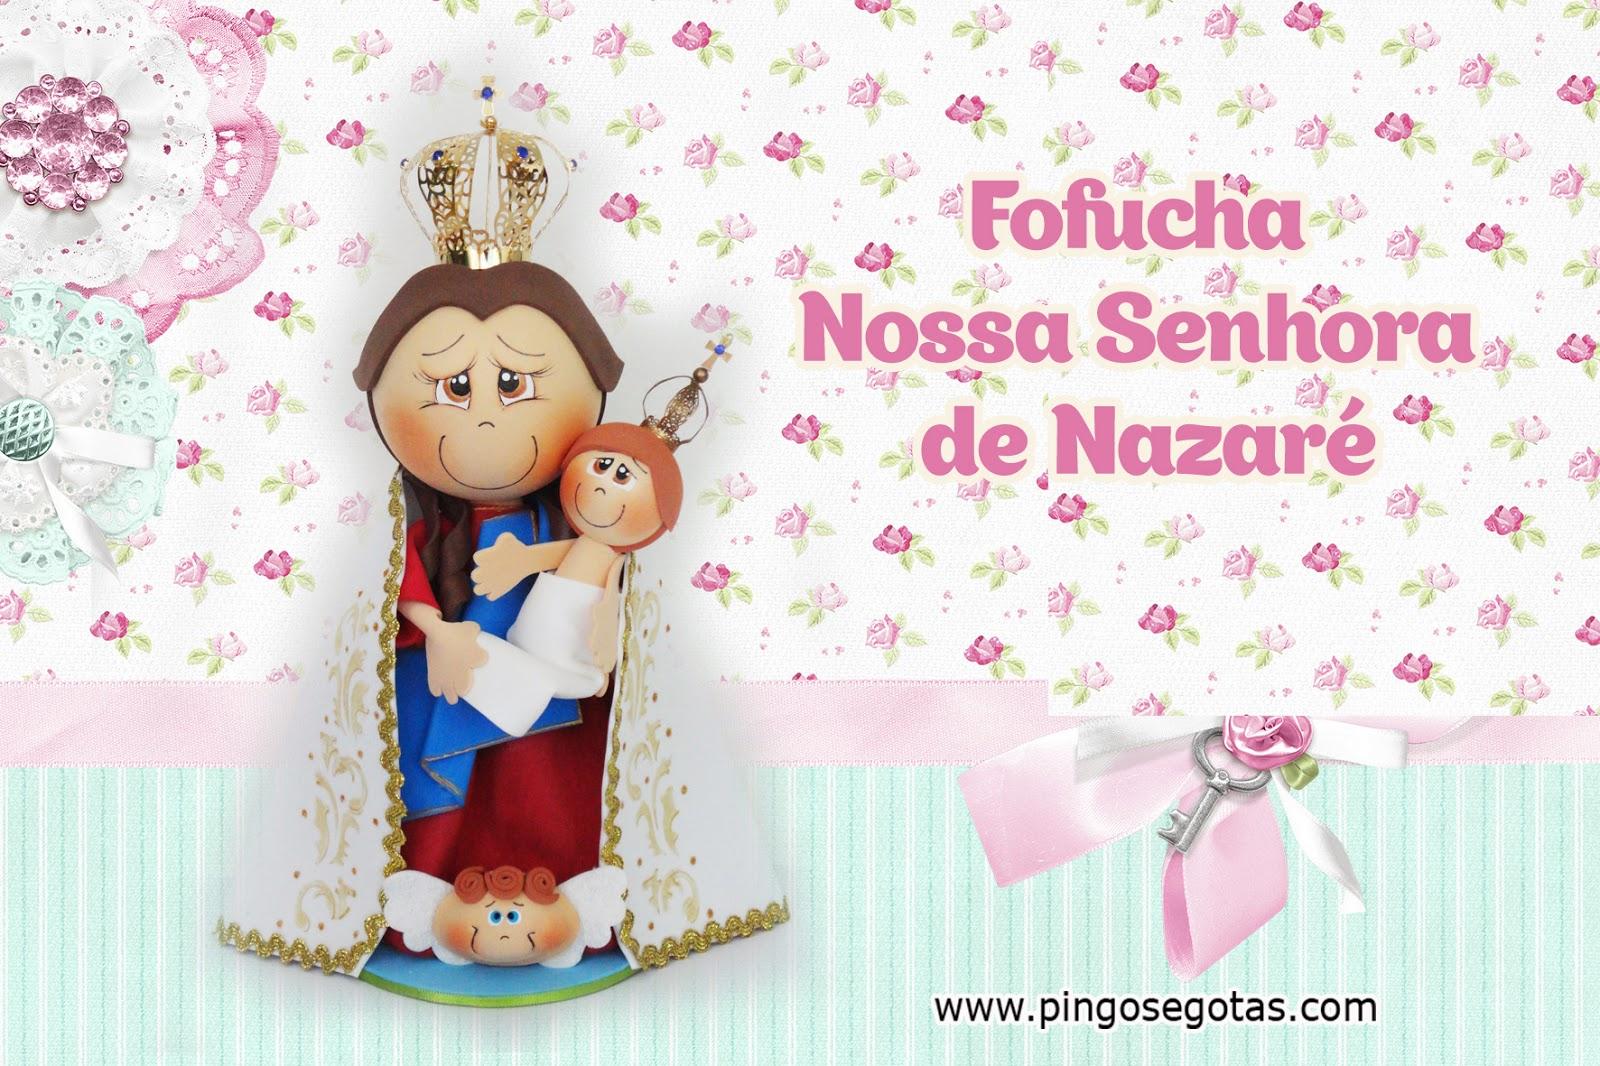 Fofucha Nossa Senhora de Nazaré